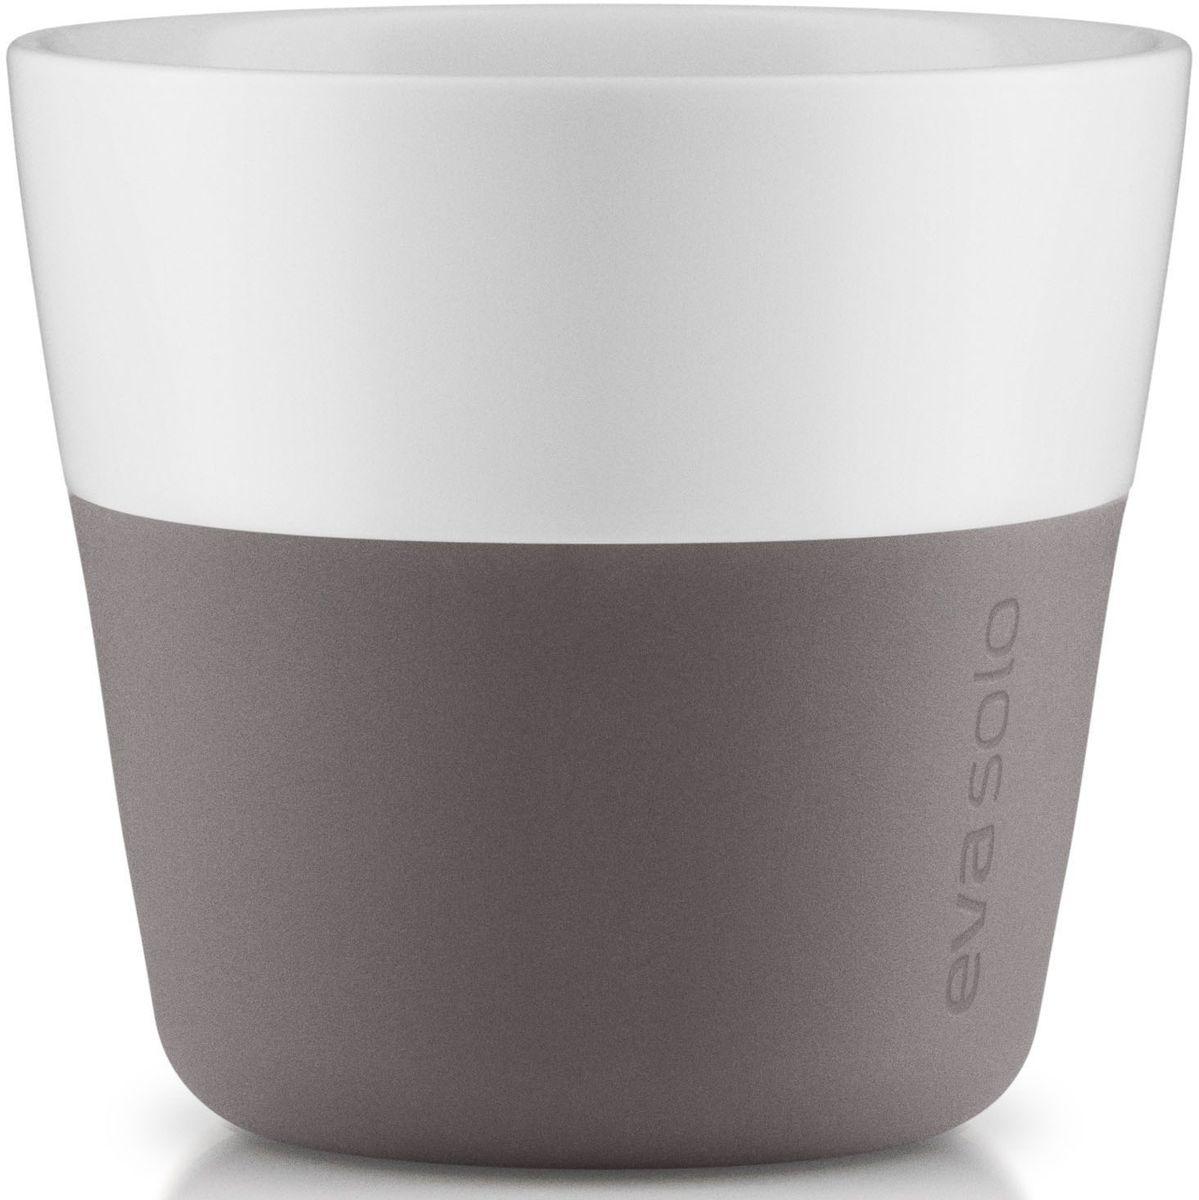 Чашки для лунго Eva Solo, 230 мл, 2 шт., цвет: серый115510Чашка для кофе лунго от Eva Solo рассчитана на 230 мл - оптимальный объем, а также стандарт для этого типа напитка у большинства кофе-машин. Чашка сделана из фарфора и имеет специальный силиконовый чехол, чтобы ее можно было держать в руках, не рискуя обжечь пальцы. Чехол легко снимается, и чашку можно мыть в посудомоечной машине. Умные и красивые предметы посуды от Eva Solo будут украшением любой кухни!